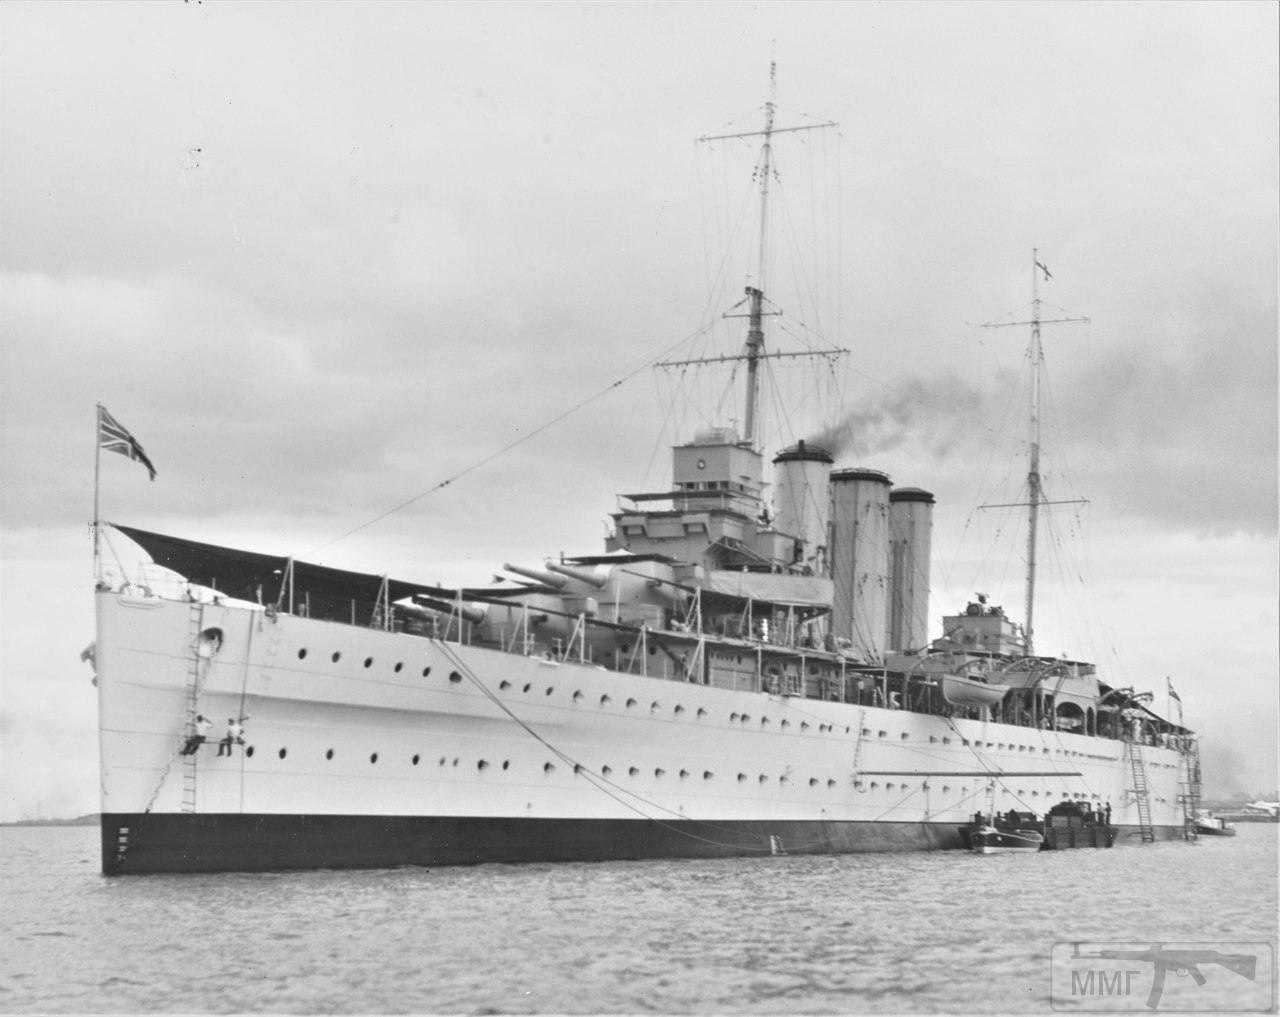 27284 - Броненосцы, дредноуты, линкоры и крейсера Британии